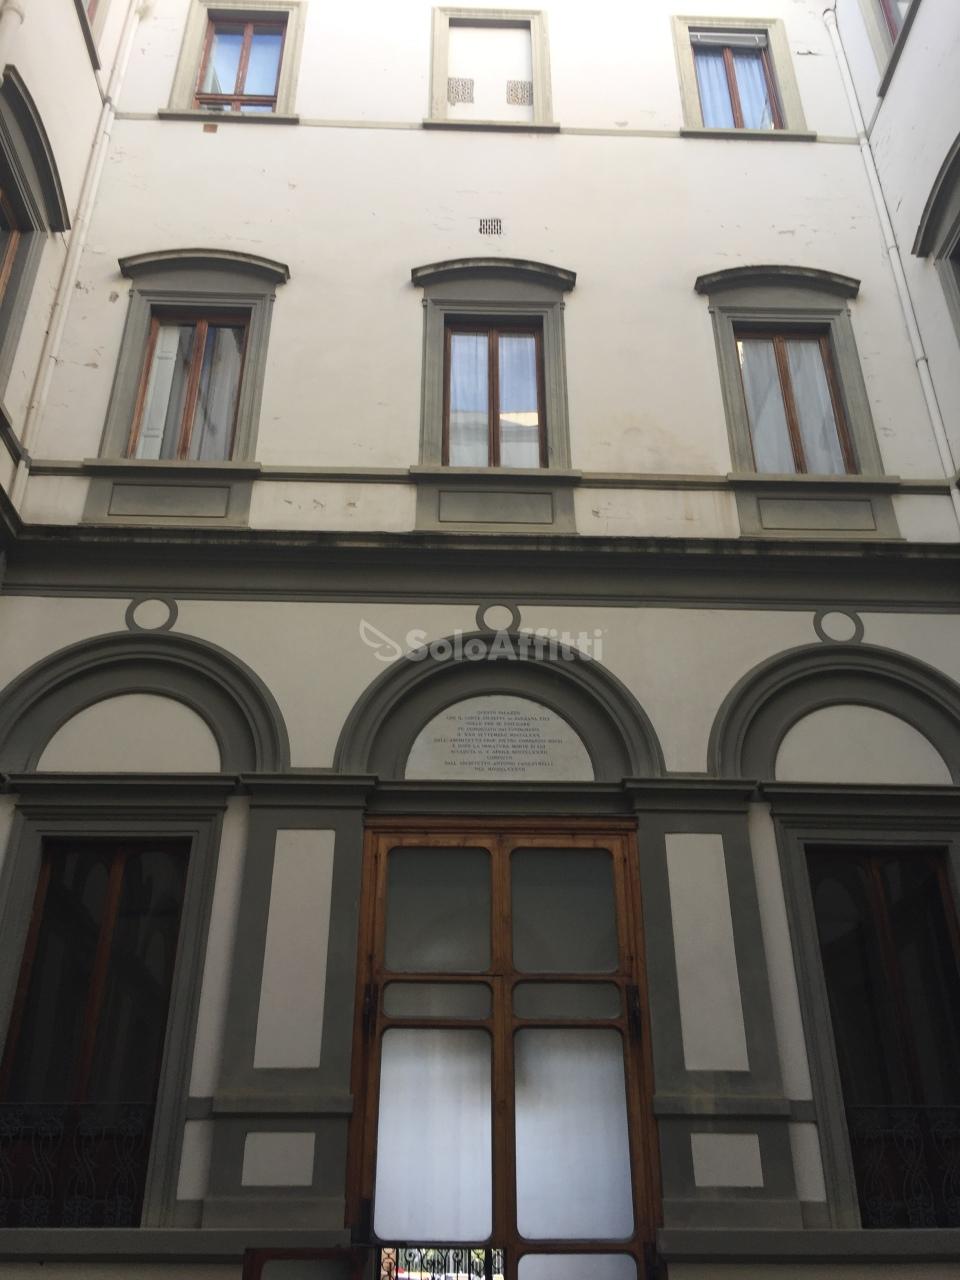 Ufficio - oltre 4 locali a Porta al Prato, Firenze Rif. 9656224